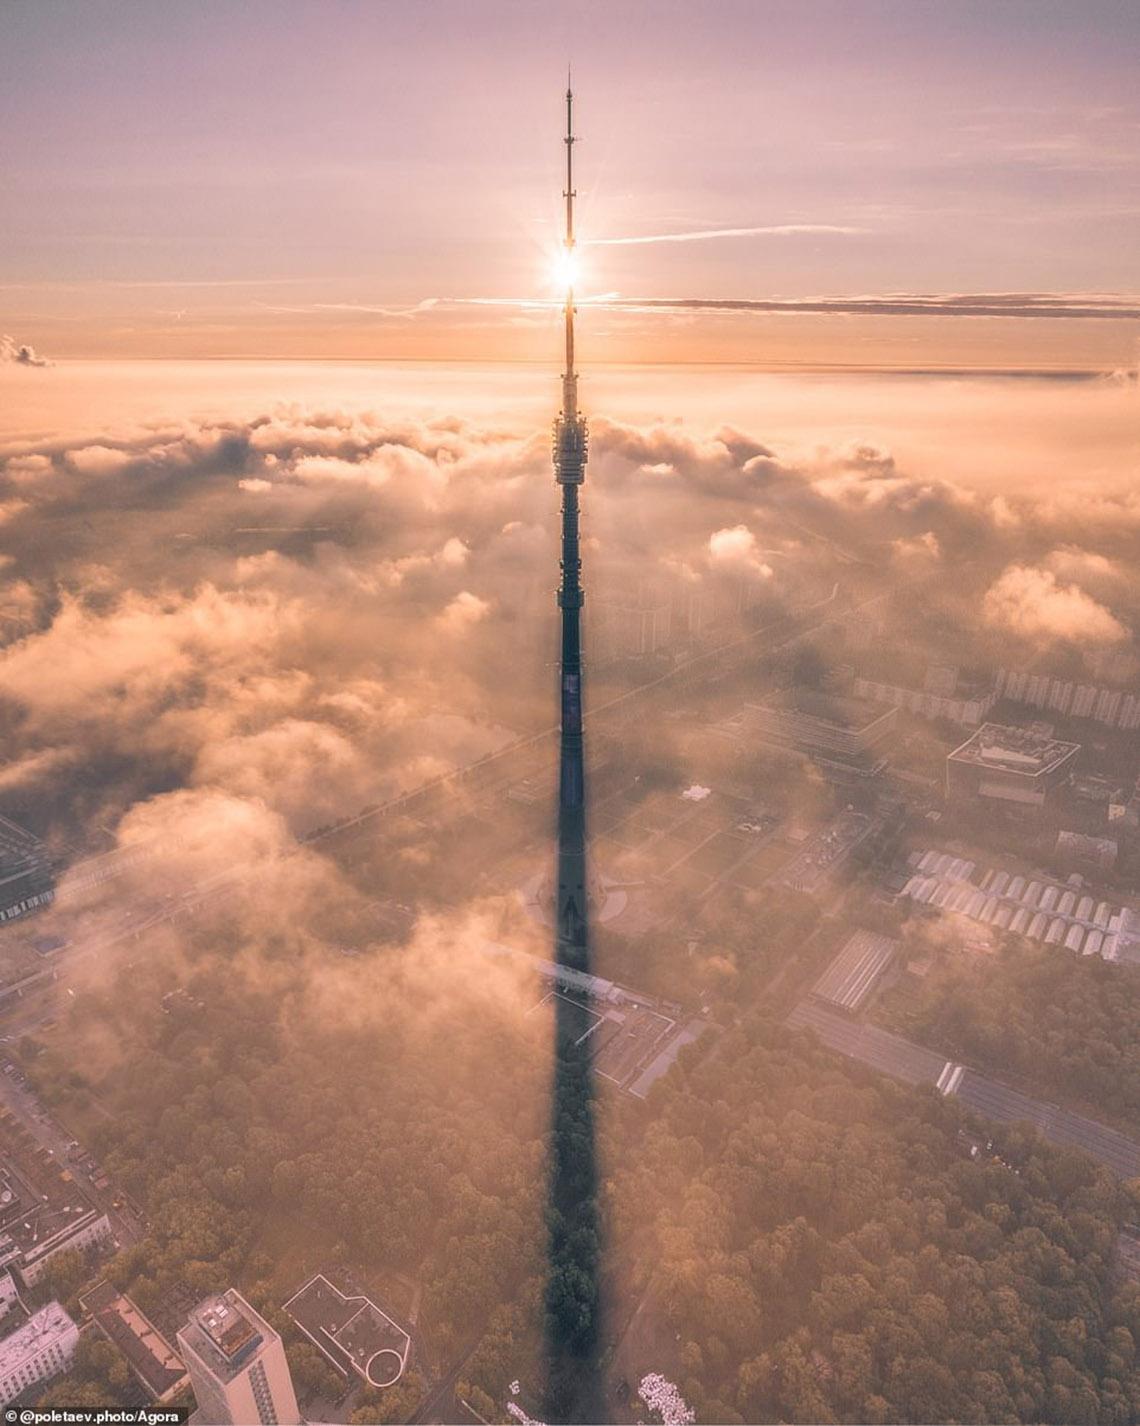 Ảnh Cầu Vàng vượt hơn 10.000 ảnh giành chiến thắng cuộc thi Architecture 2020 -10